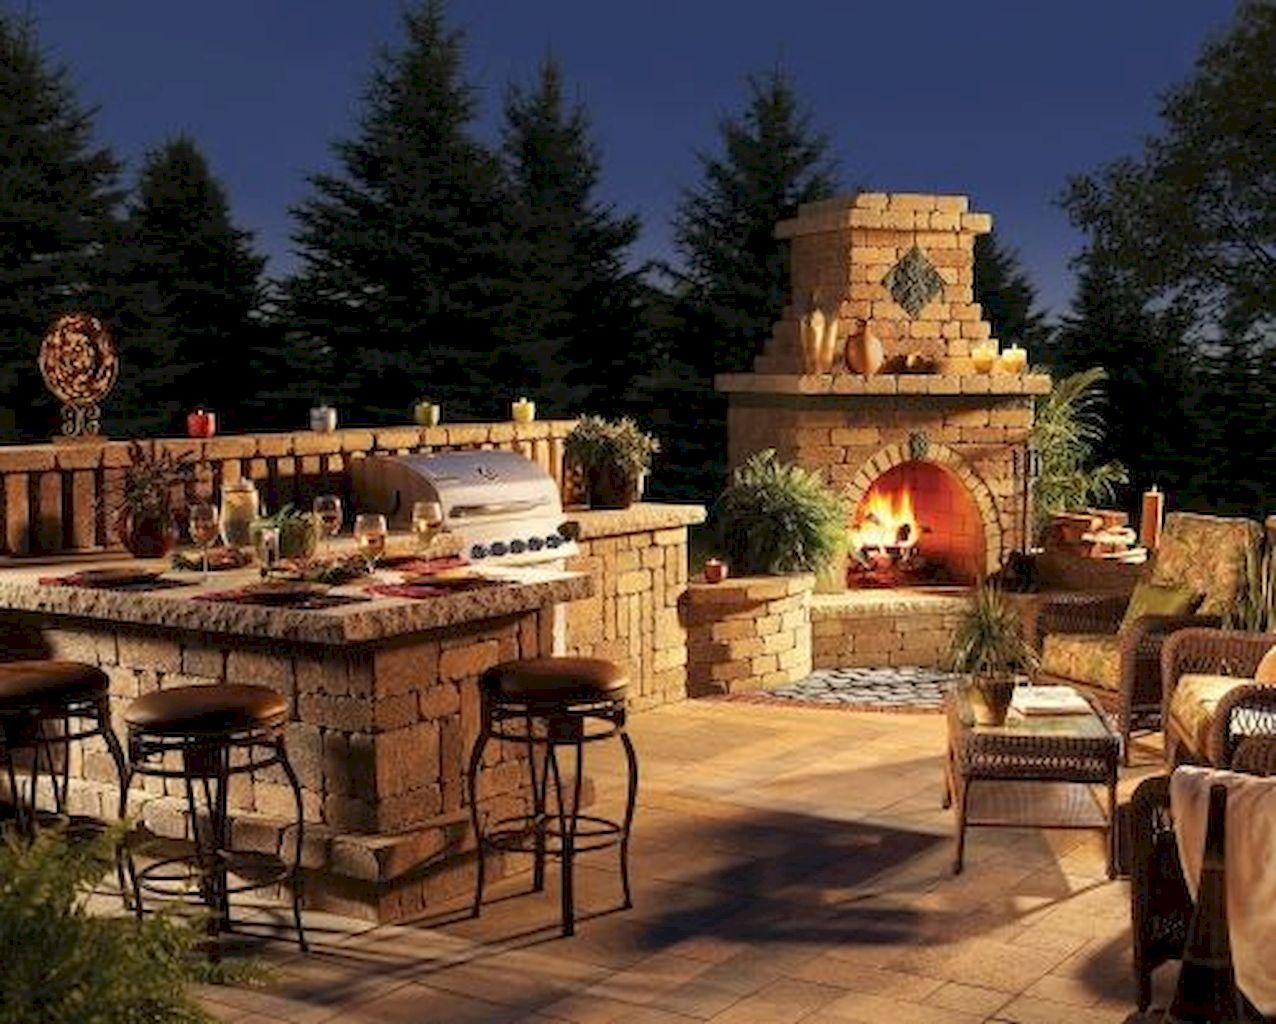 Backyard Fireplace005